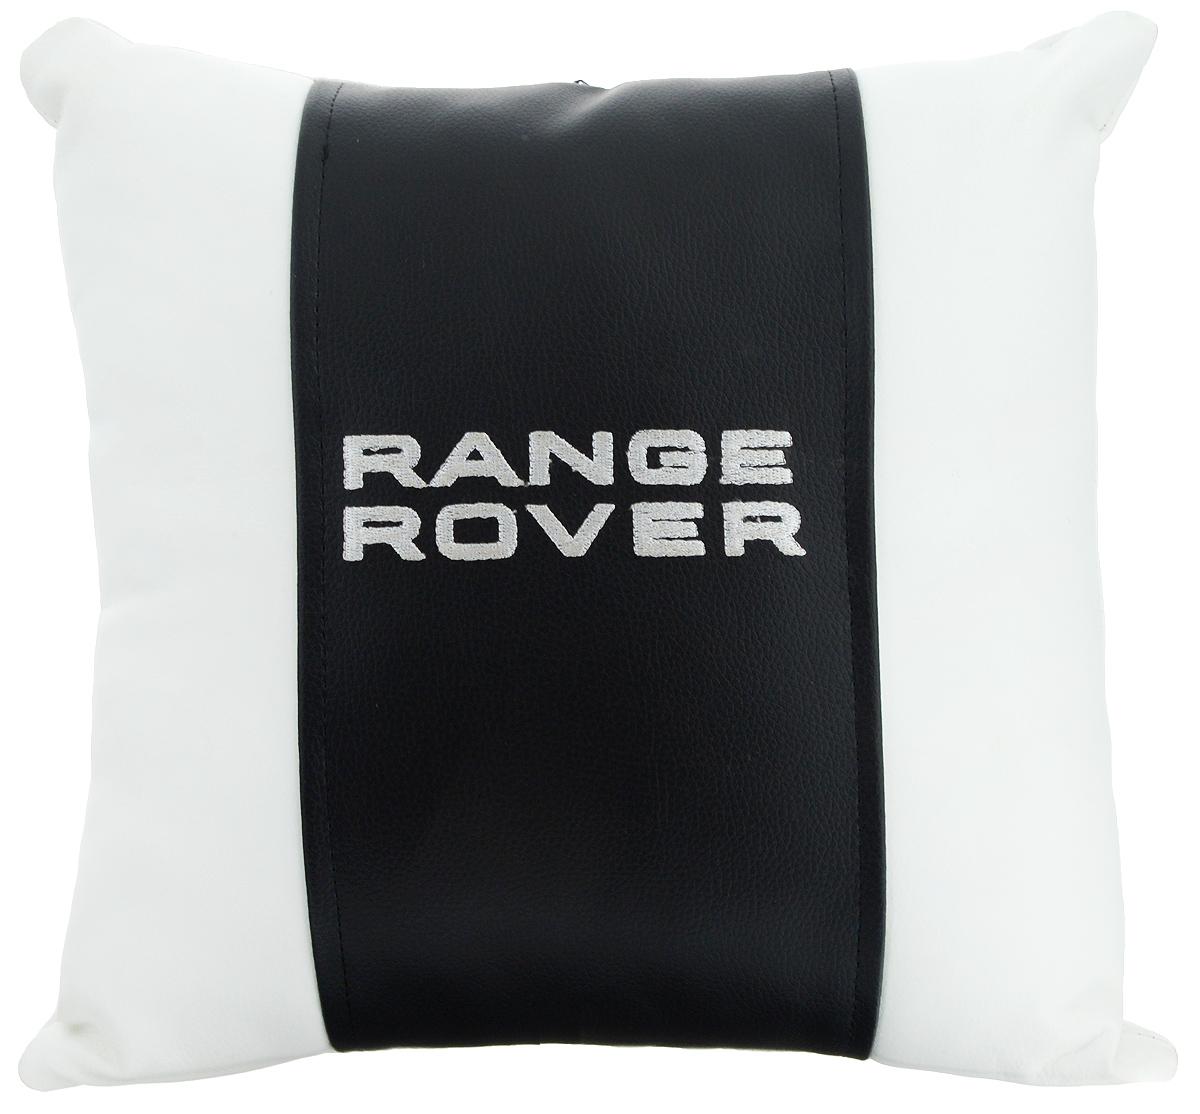 Подушка на сиденье Autoparts Range Rover, цвет: белый,черный, 30 х 30 смМ061_белый,черныйПодушка на сиденье Autoparts Range Rover создана для тех, кто весь свой день вынужден проводить за рулем. Чехол выполнен из высококачественной дышащей экокожи. Наполнителем служит холлофайбер. На задней части подушки имеется змейка.Особенности подушки:- Хорошо проветривается.- Предупреждает потение.- Поддерживает комфортную температуру.- Обминается по форме тела.- Улучшает кровообращение.- Исключает затечные явления.- Предупреждает развитие заболеваний, связанных с сидячим образом жизни. Подушка также будет полезна и дома - при работе за компьютером, школьникам - при выполнении домашних работ, да и в любимом кресле перед телевизором.